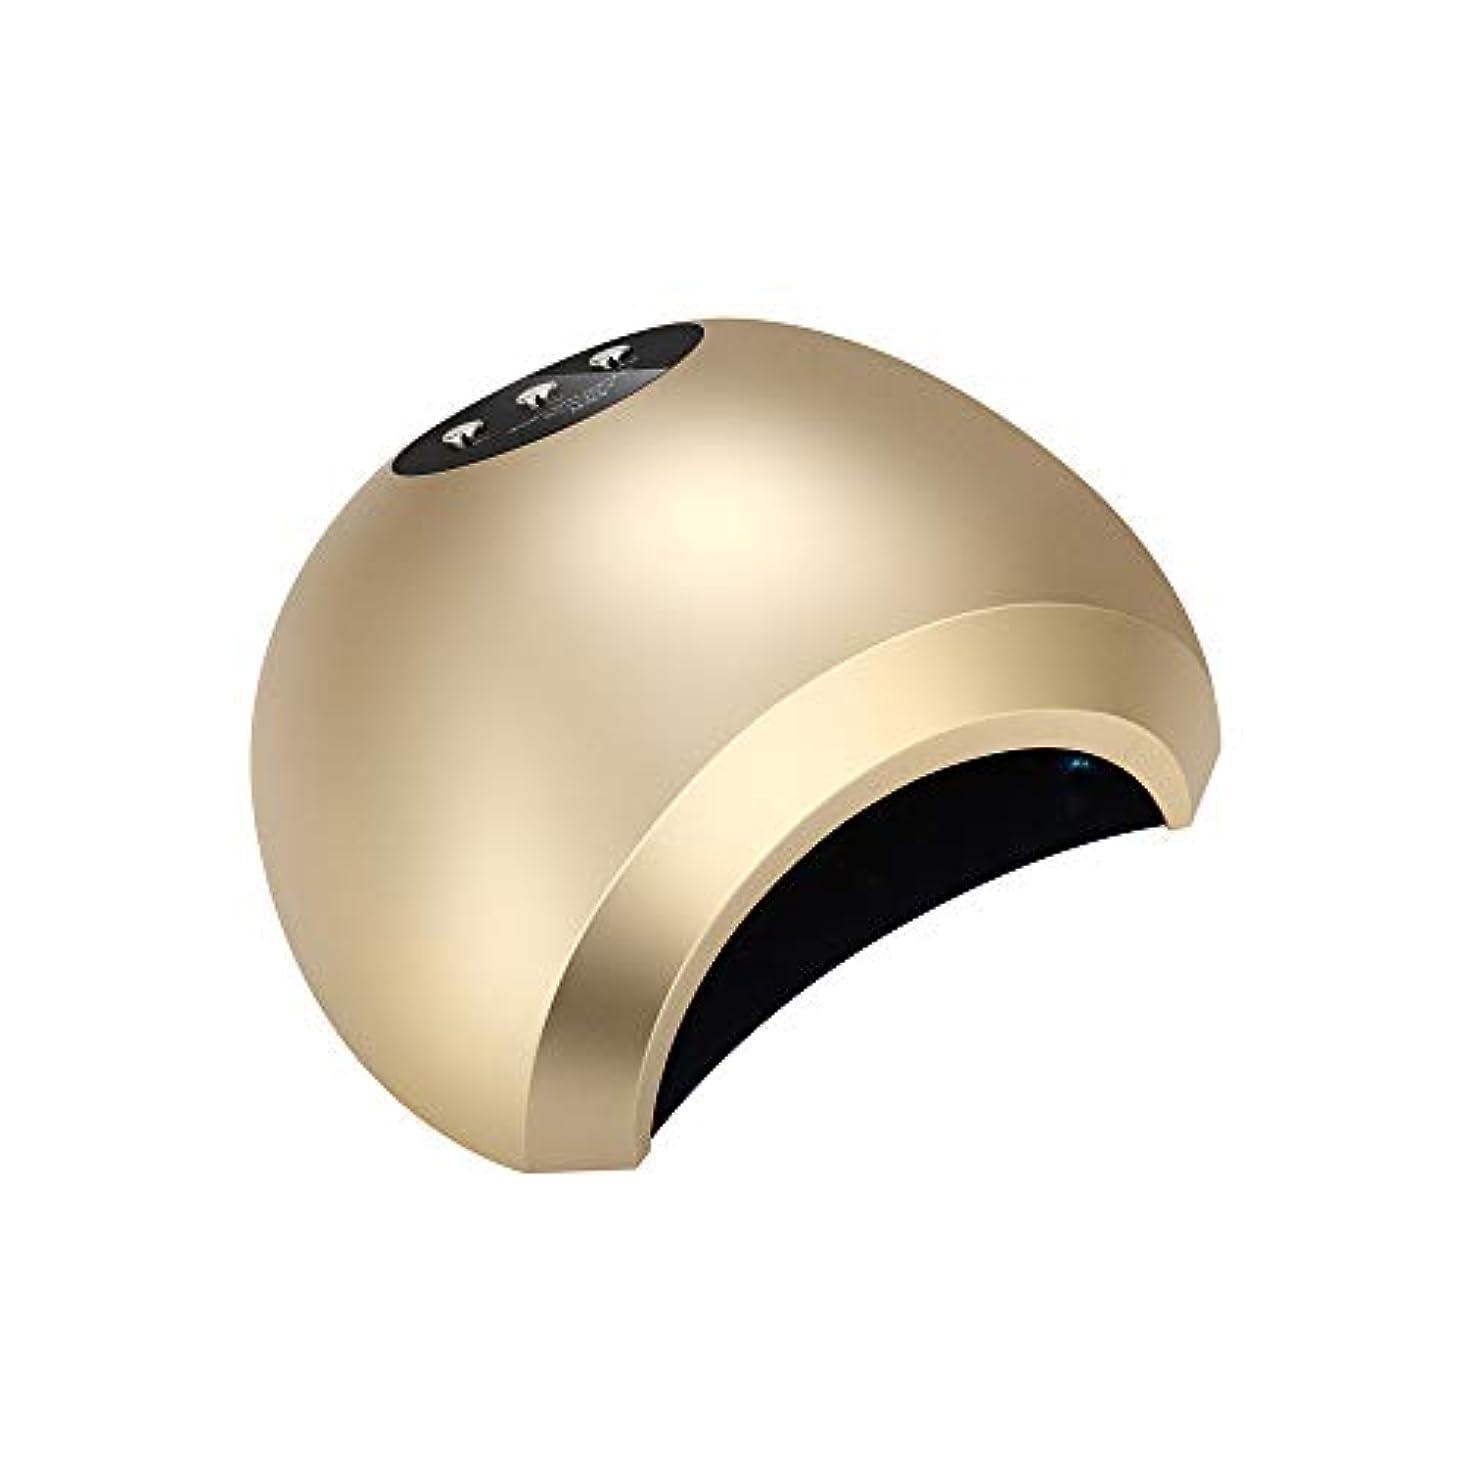 クローゼット真似るスチール48Wインテリジェント誘導デュアル光源放熱無痛速乾性光線療法ランプネイルポリッシュグルーライト速乾性ドライヤーネイルポリッシュUVランプ